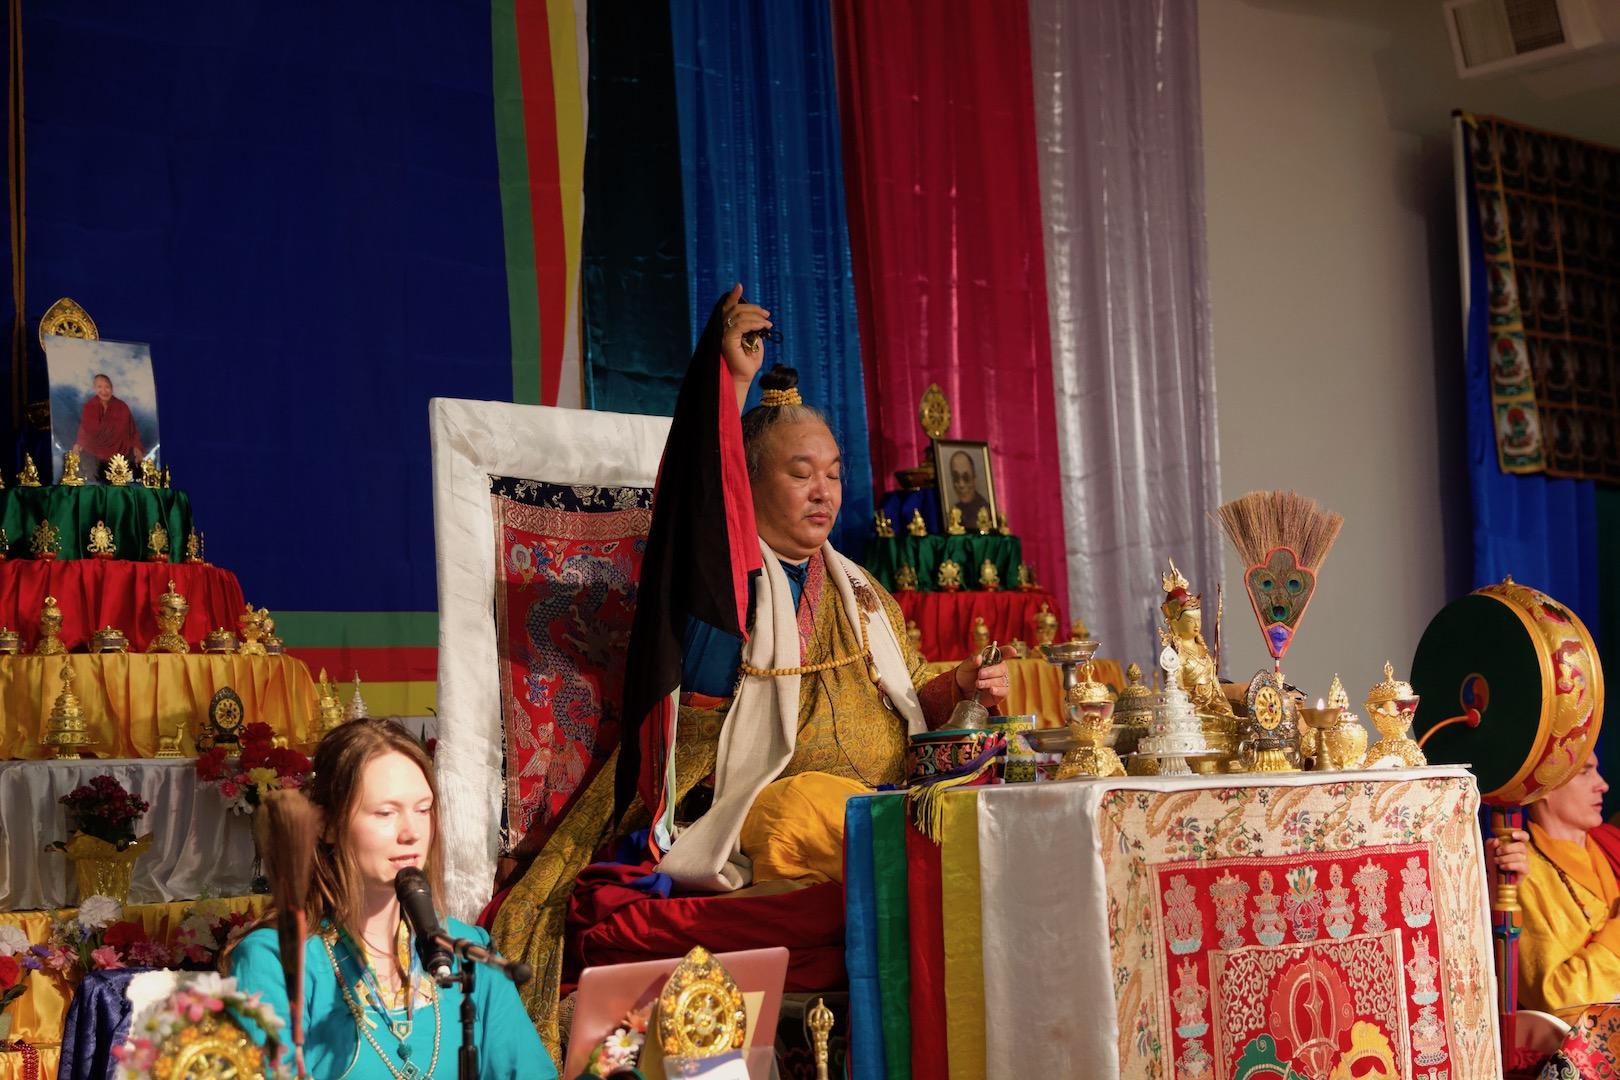 H.E. Dzogchen Khenpo Choga Rinpcohe